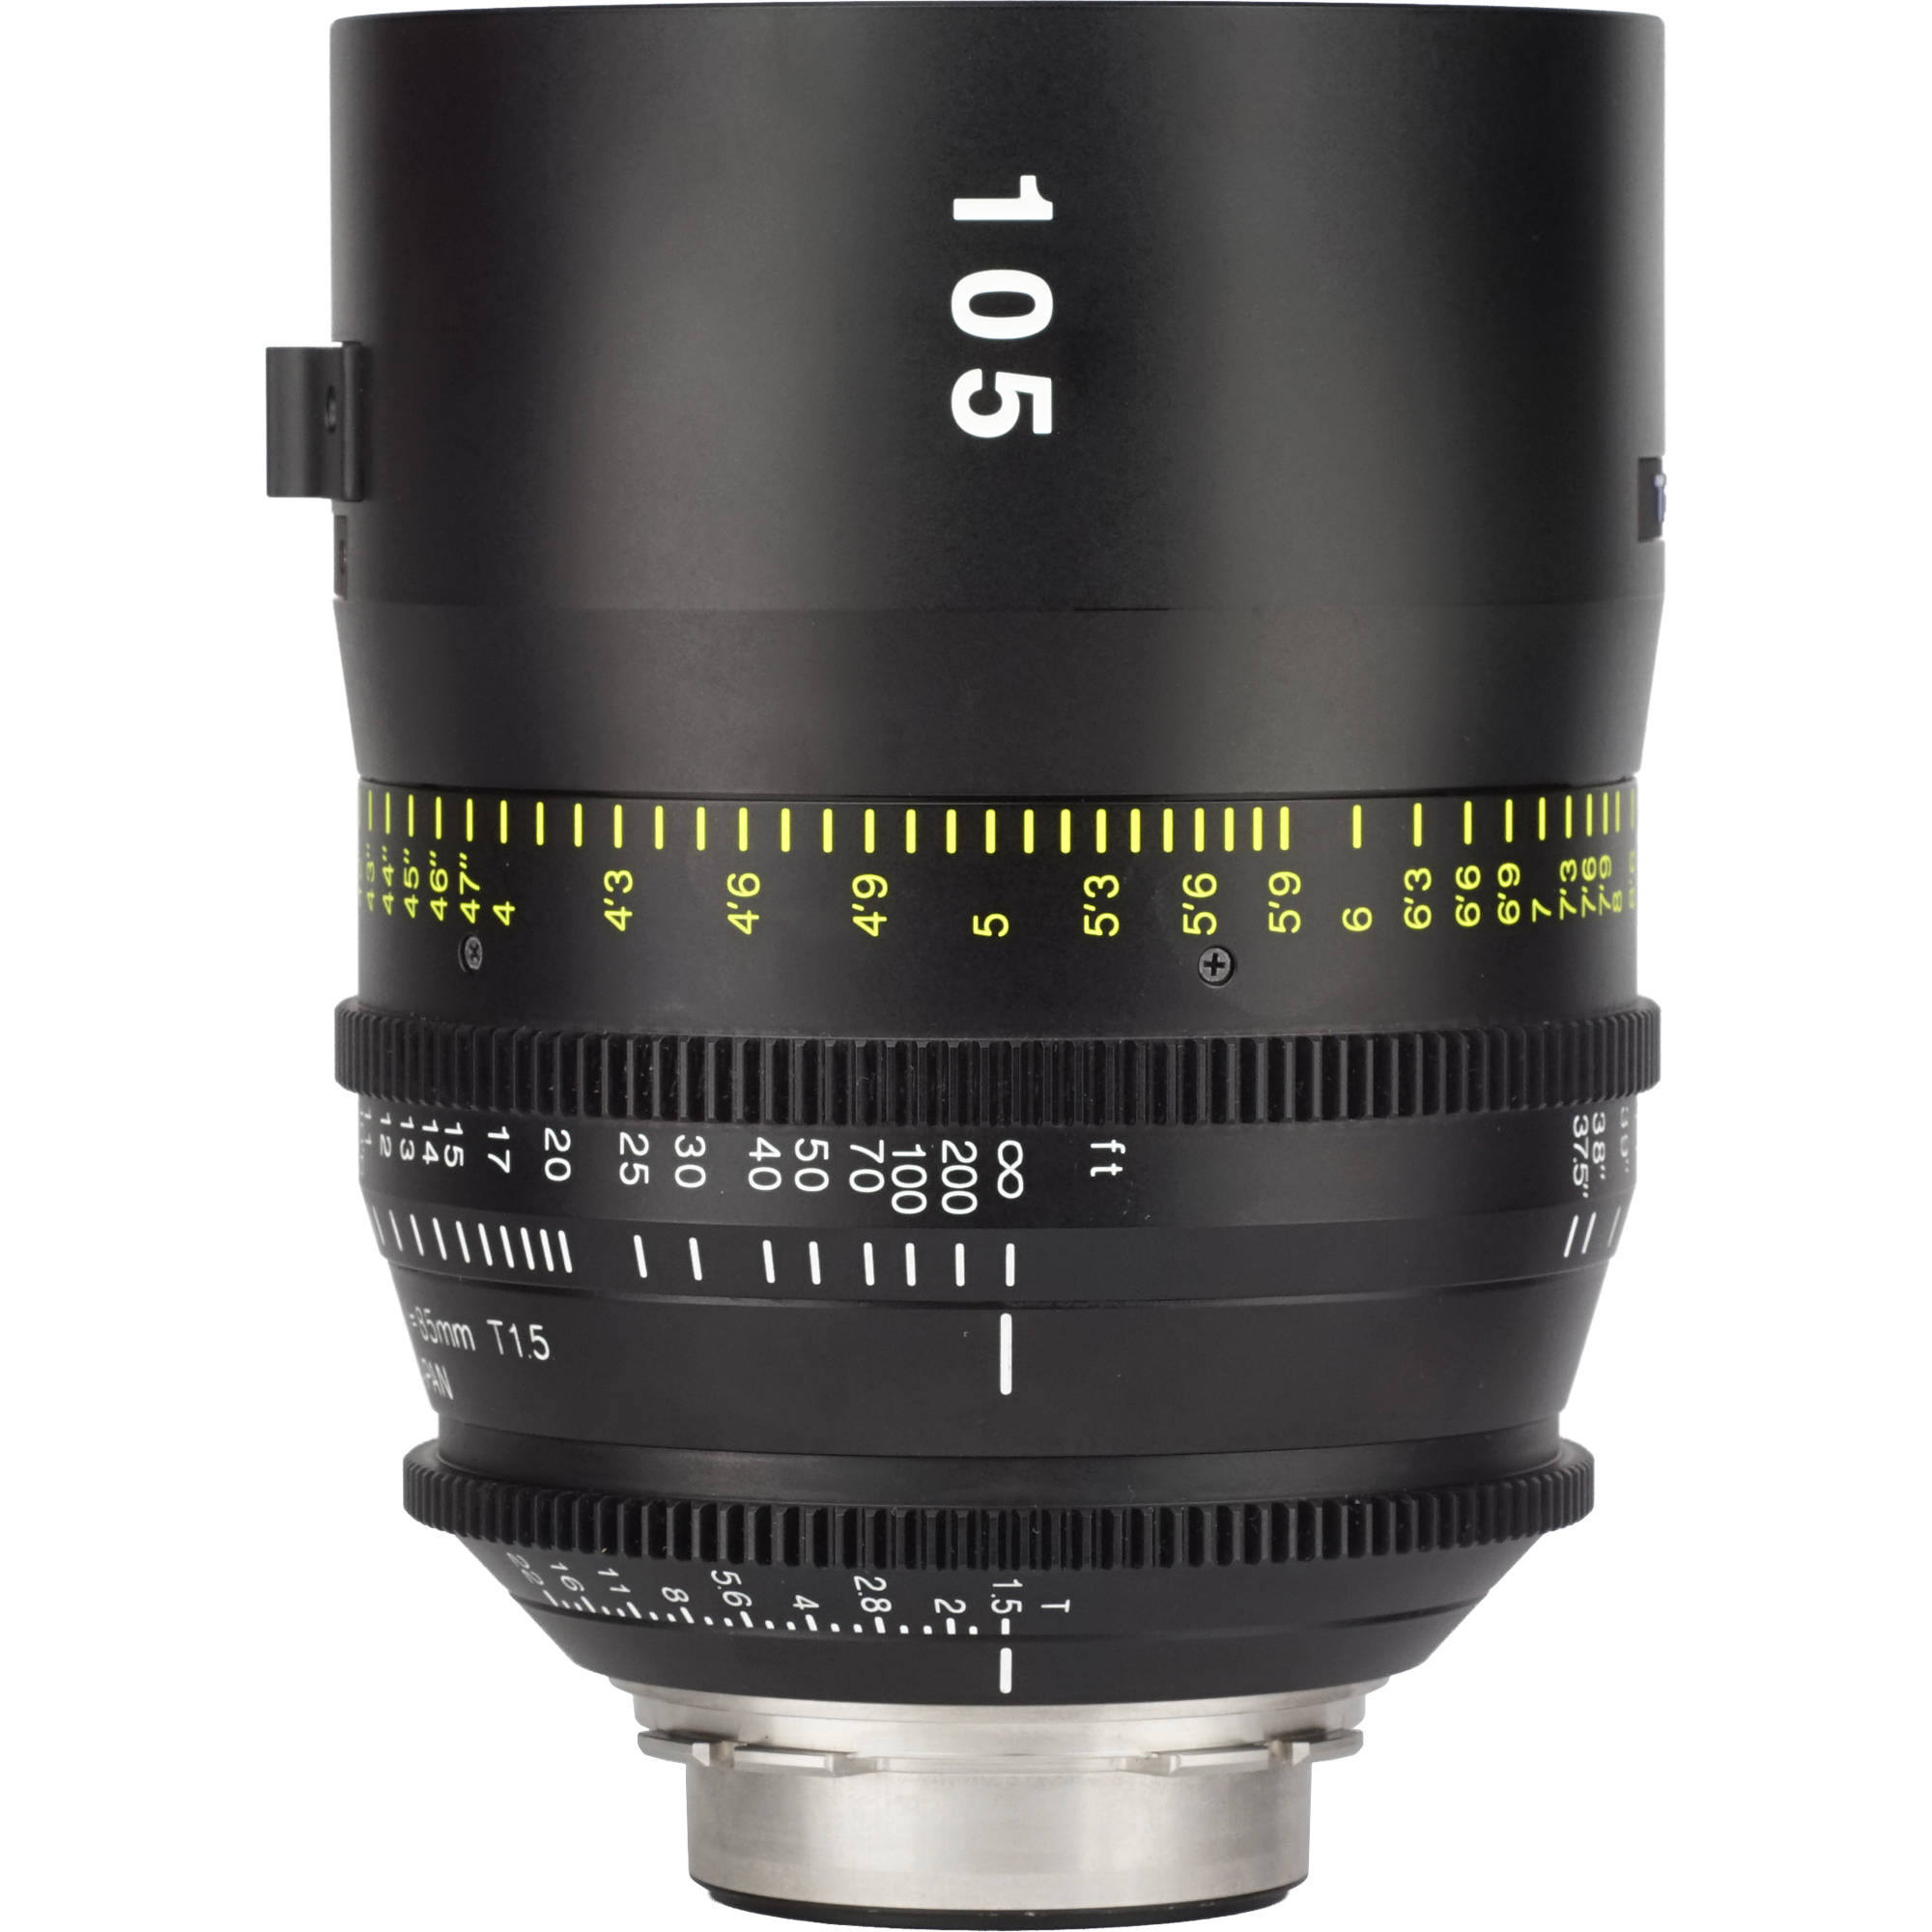 Tokina 105mm T1 5 Cinema Vista Prime Lens (PL Mount, Focus Scale in Feet)